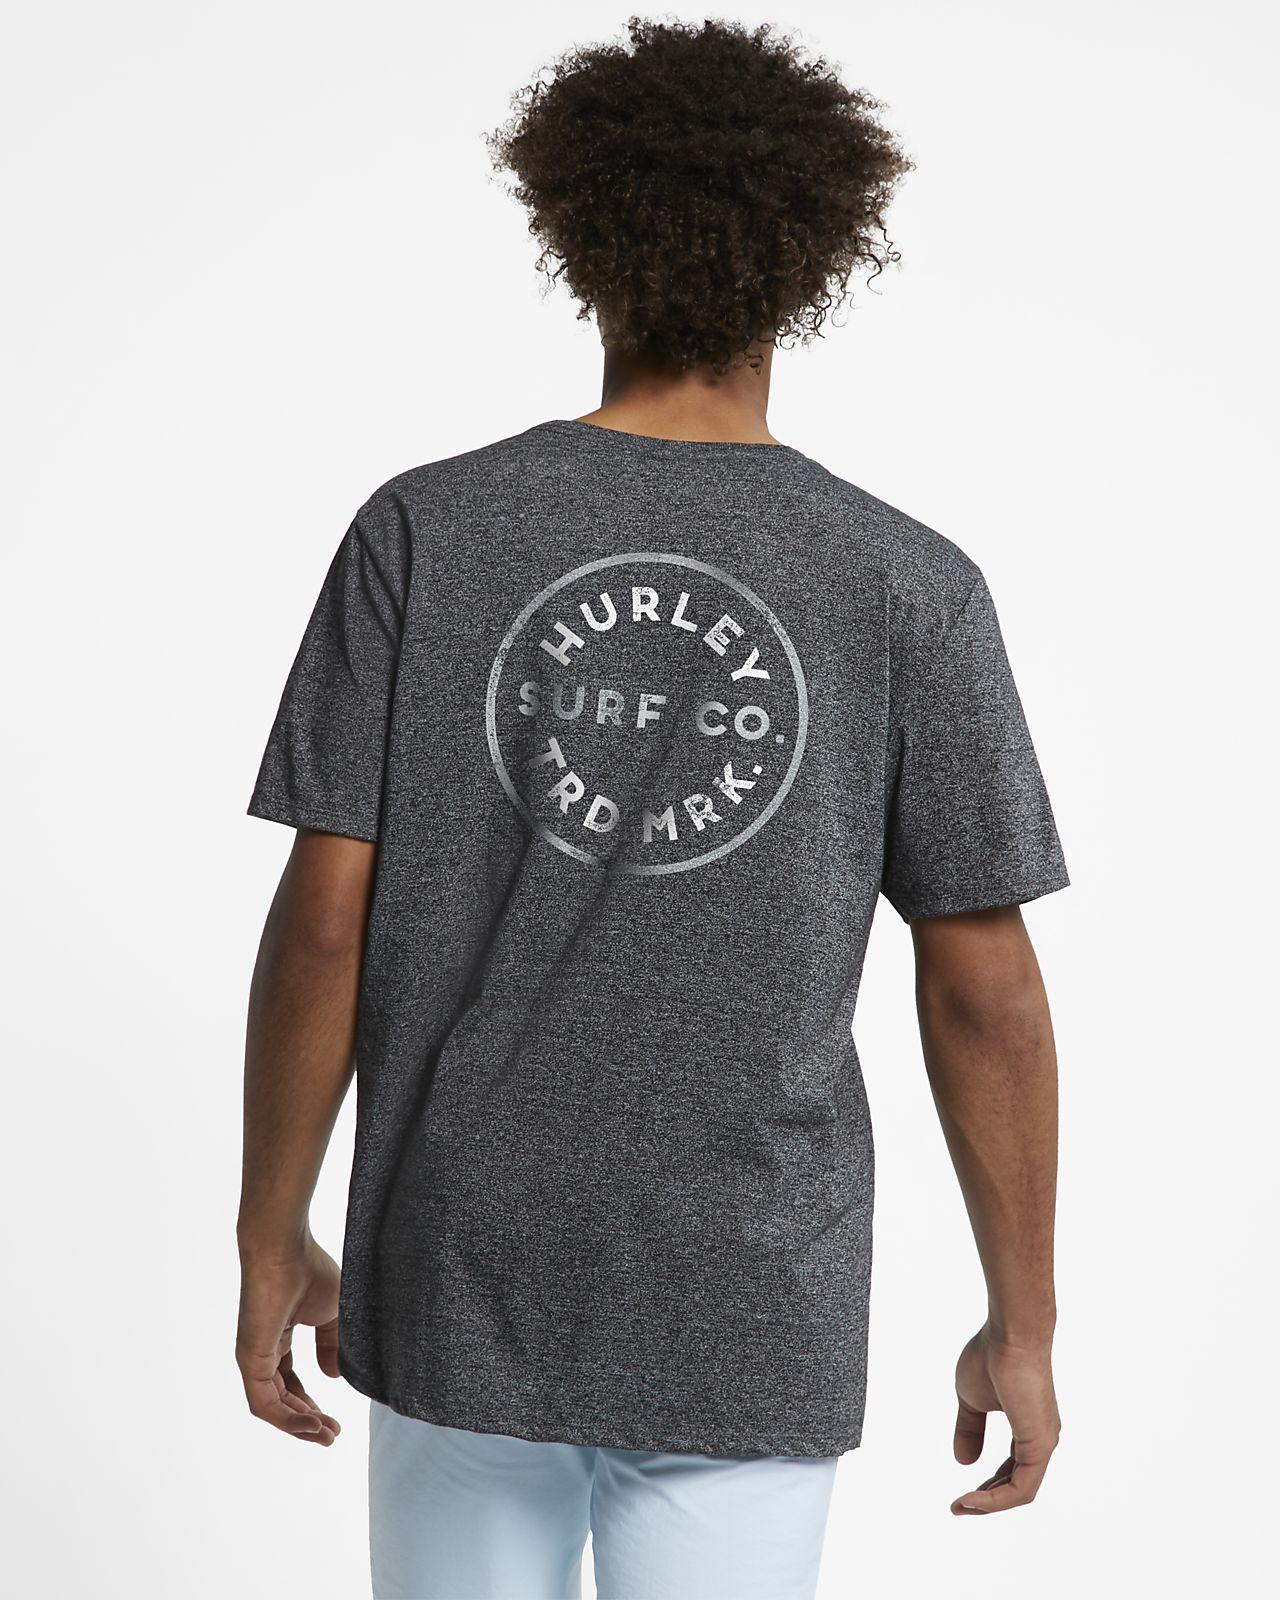 ハーレー ハイデン メンズ Tシャツ